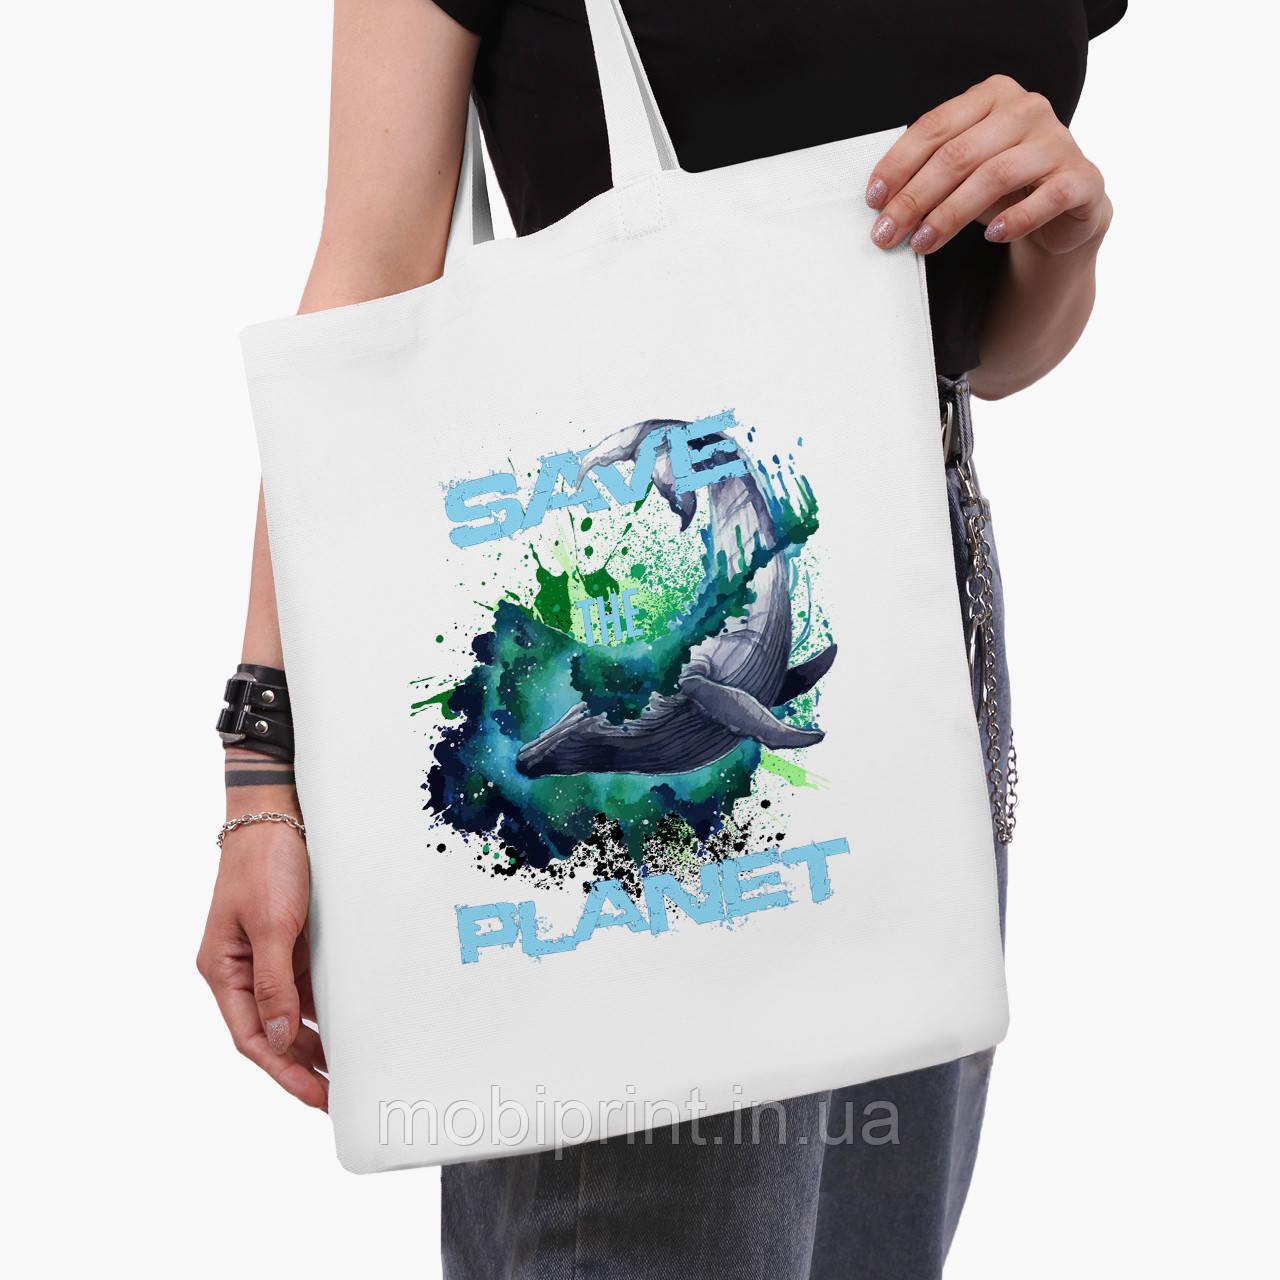 Еко сумка шоппер біла Екологія (Ecology) (9227-1337-3) 41*35 см